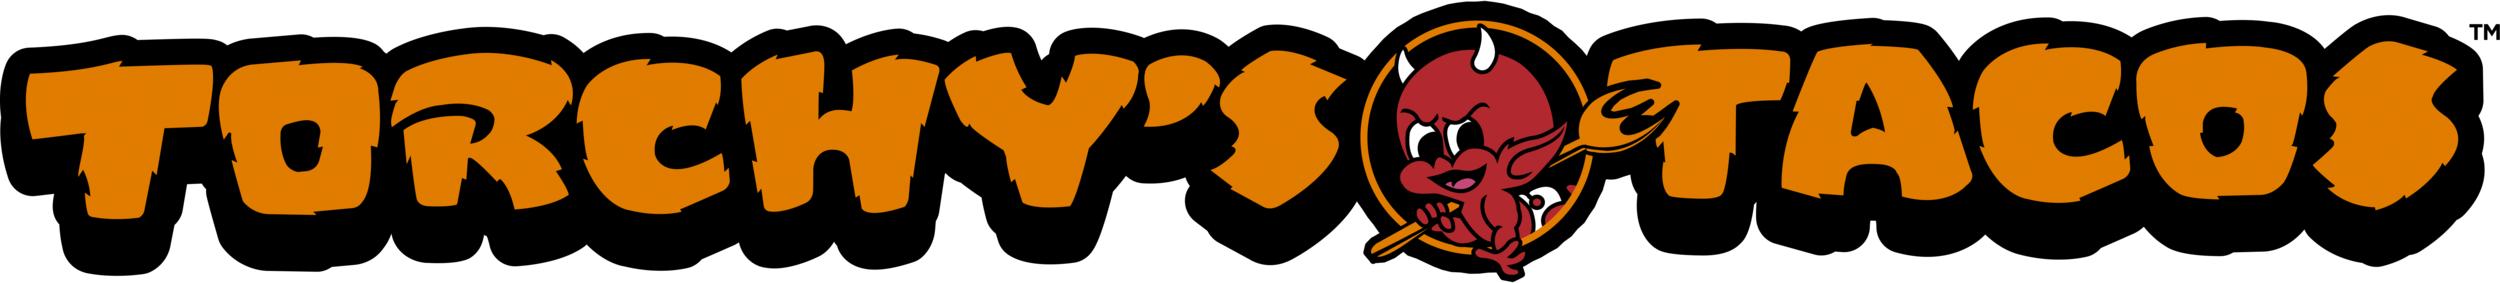 TT_Logo_Horizontal_FullColor-1.png